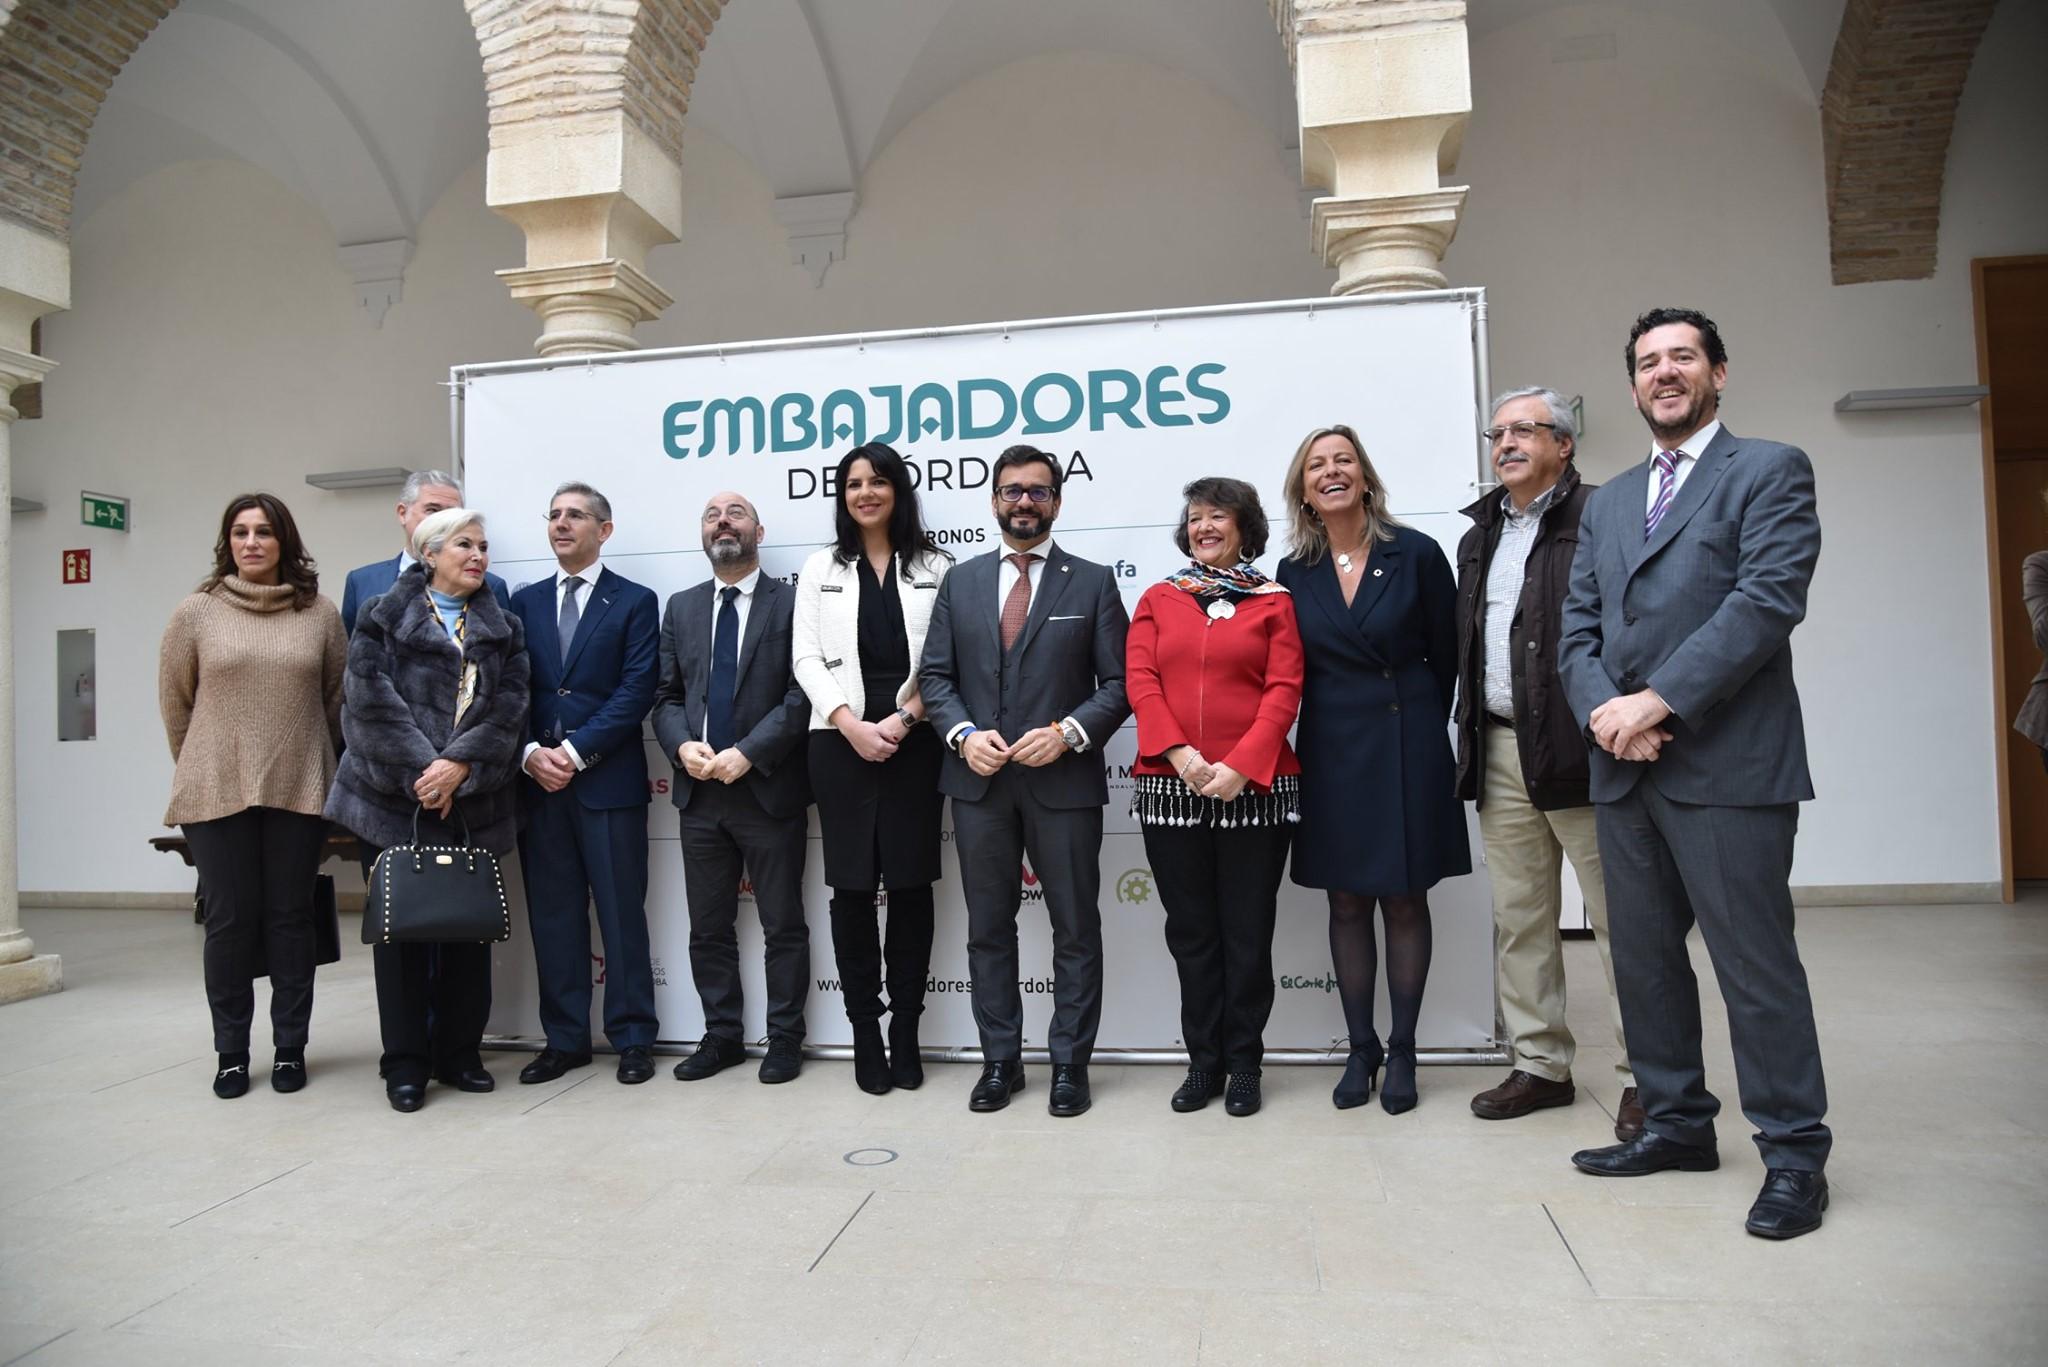 Más de un centenar de profesionales del sector turístico aúnan visiones para convertir a Córdoba en referente del turismo de congresos